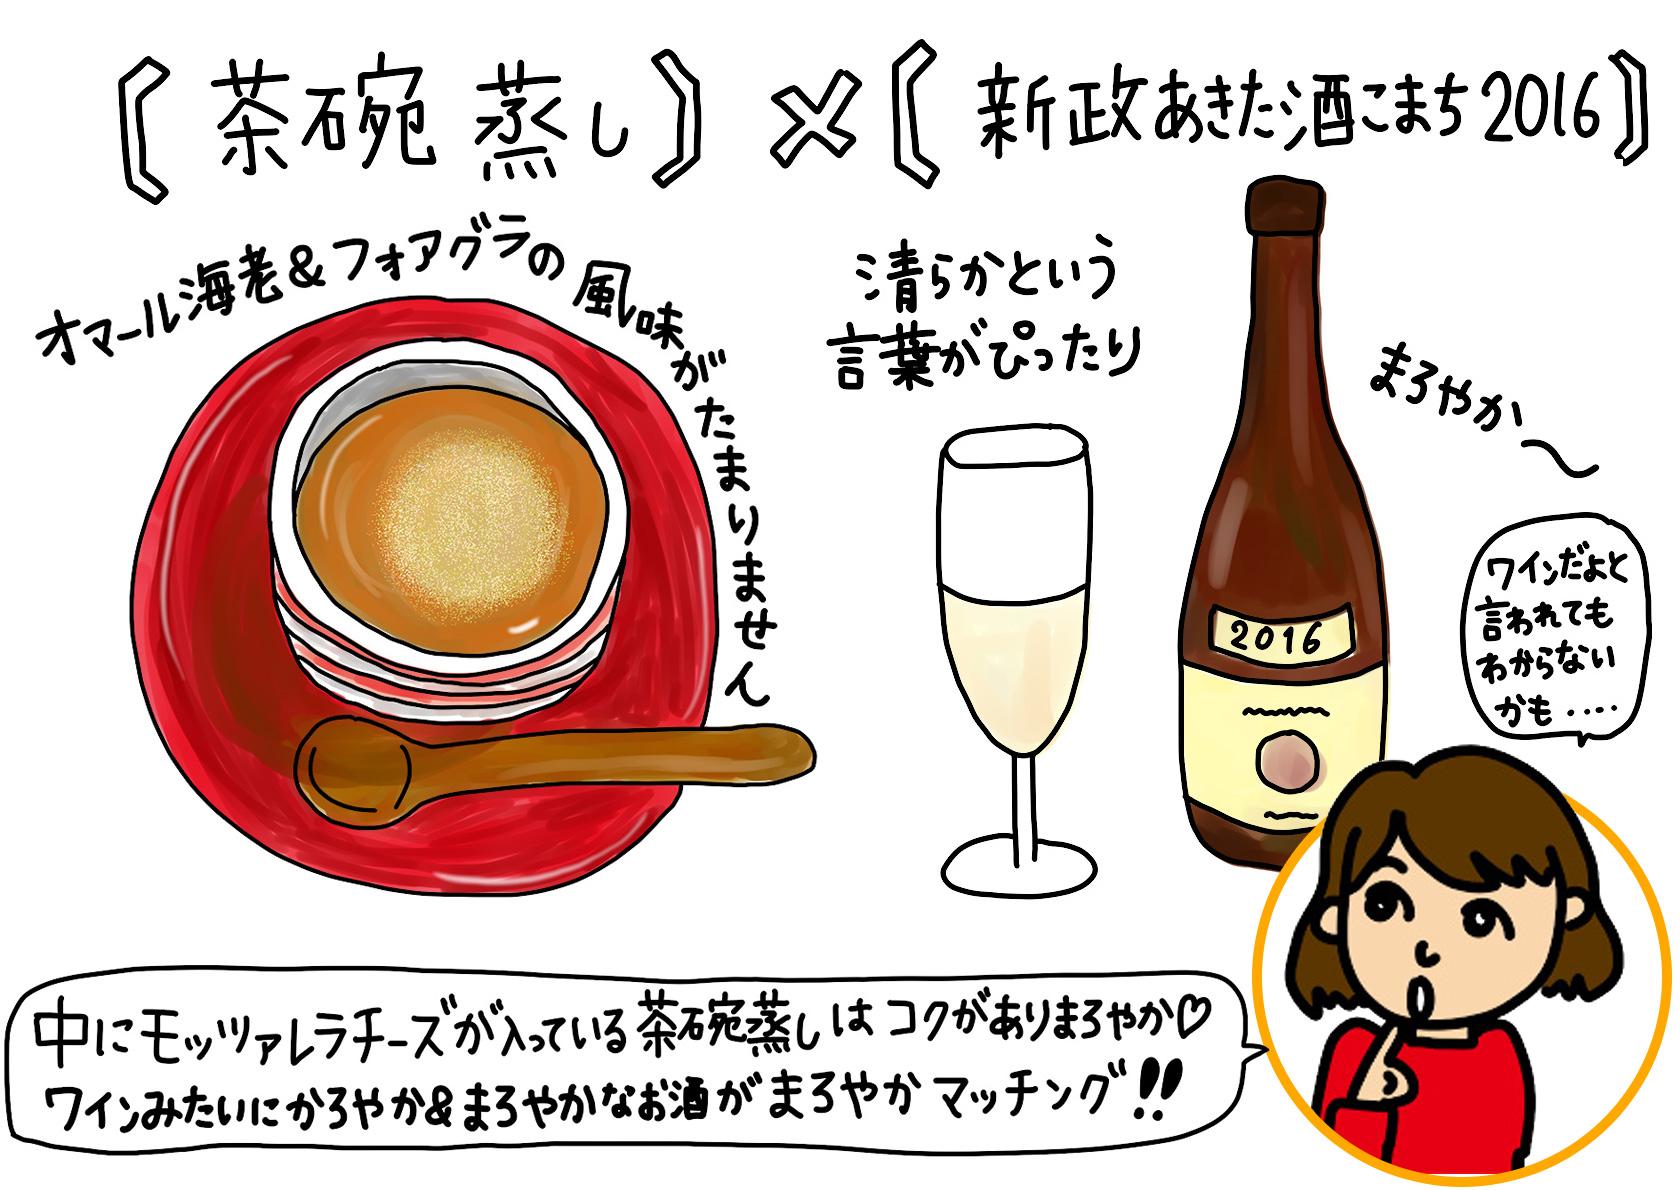 茶碗蒸し×新政 あきた酒こまち2016